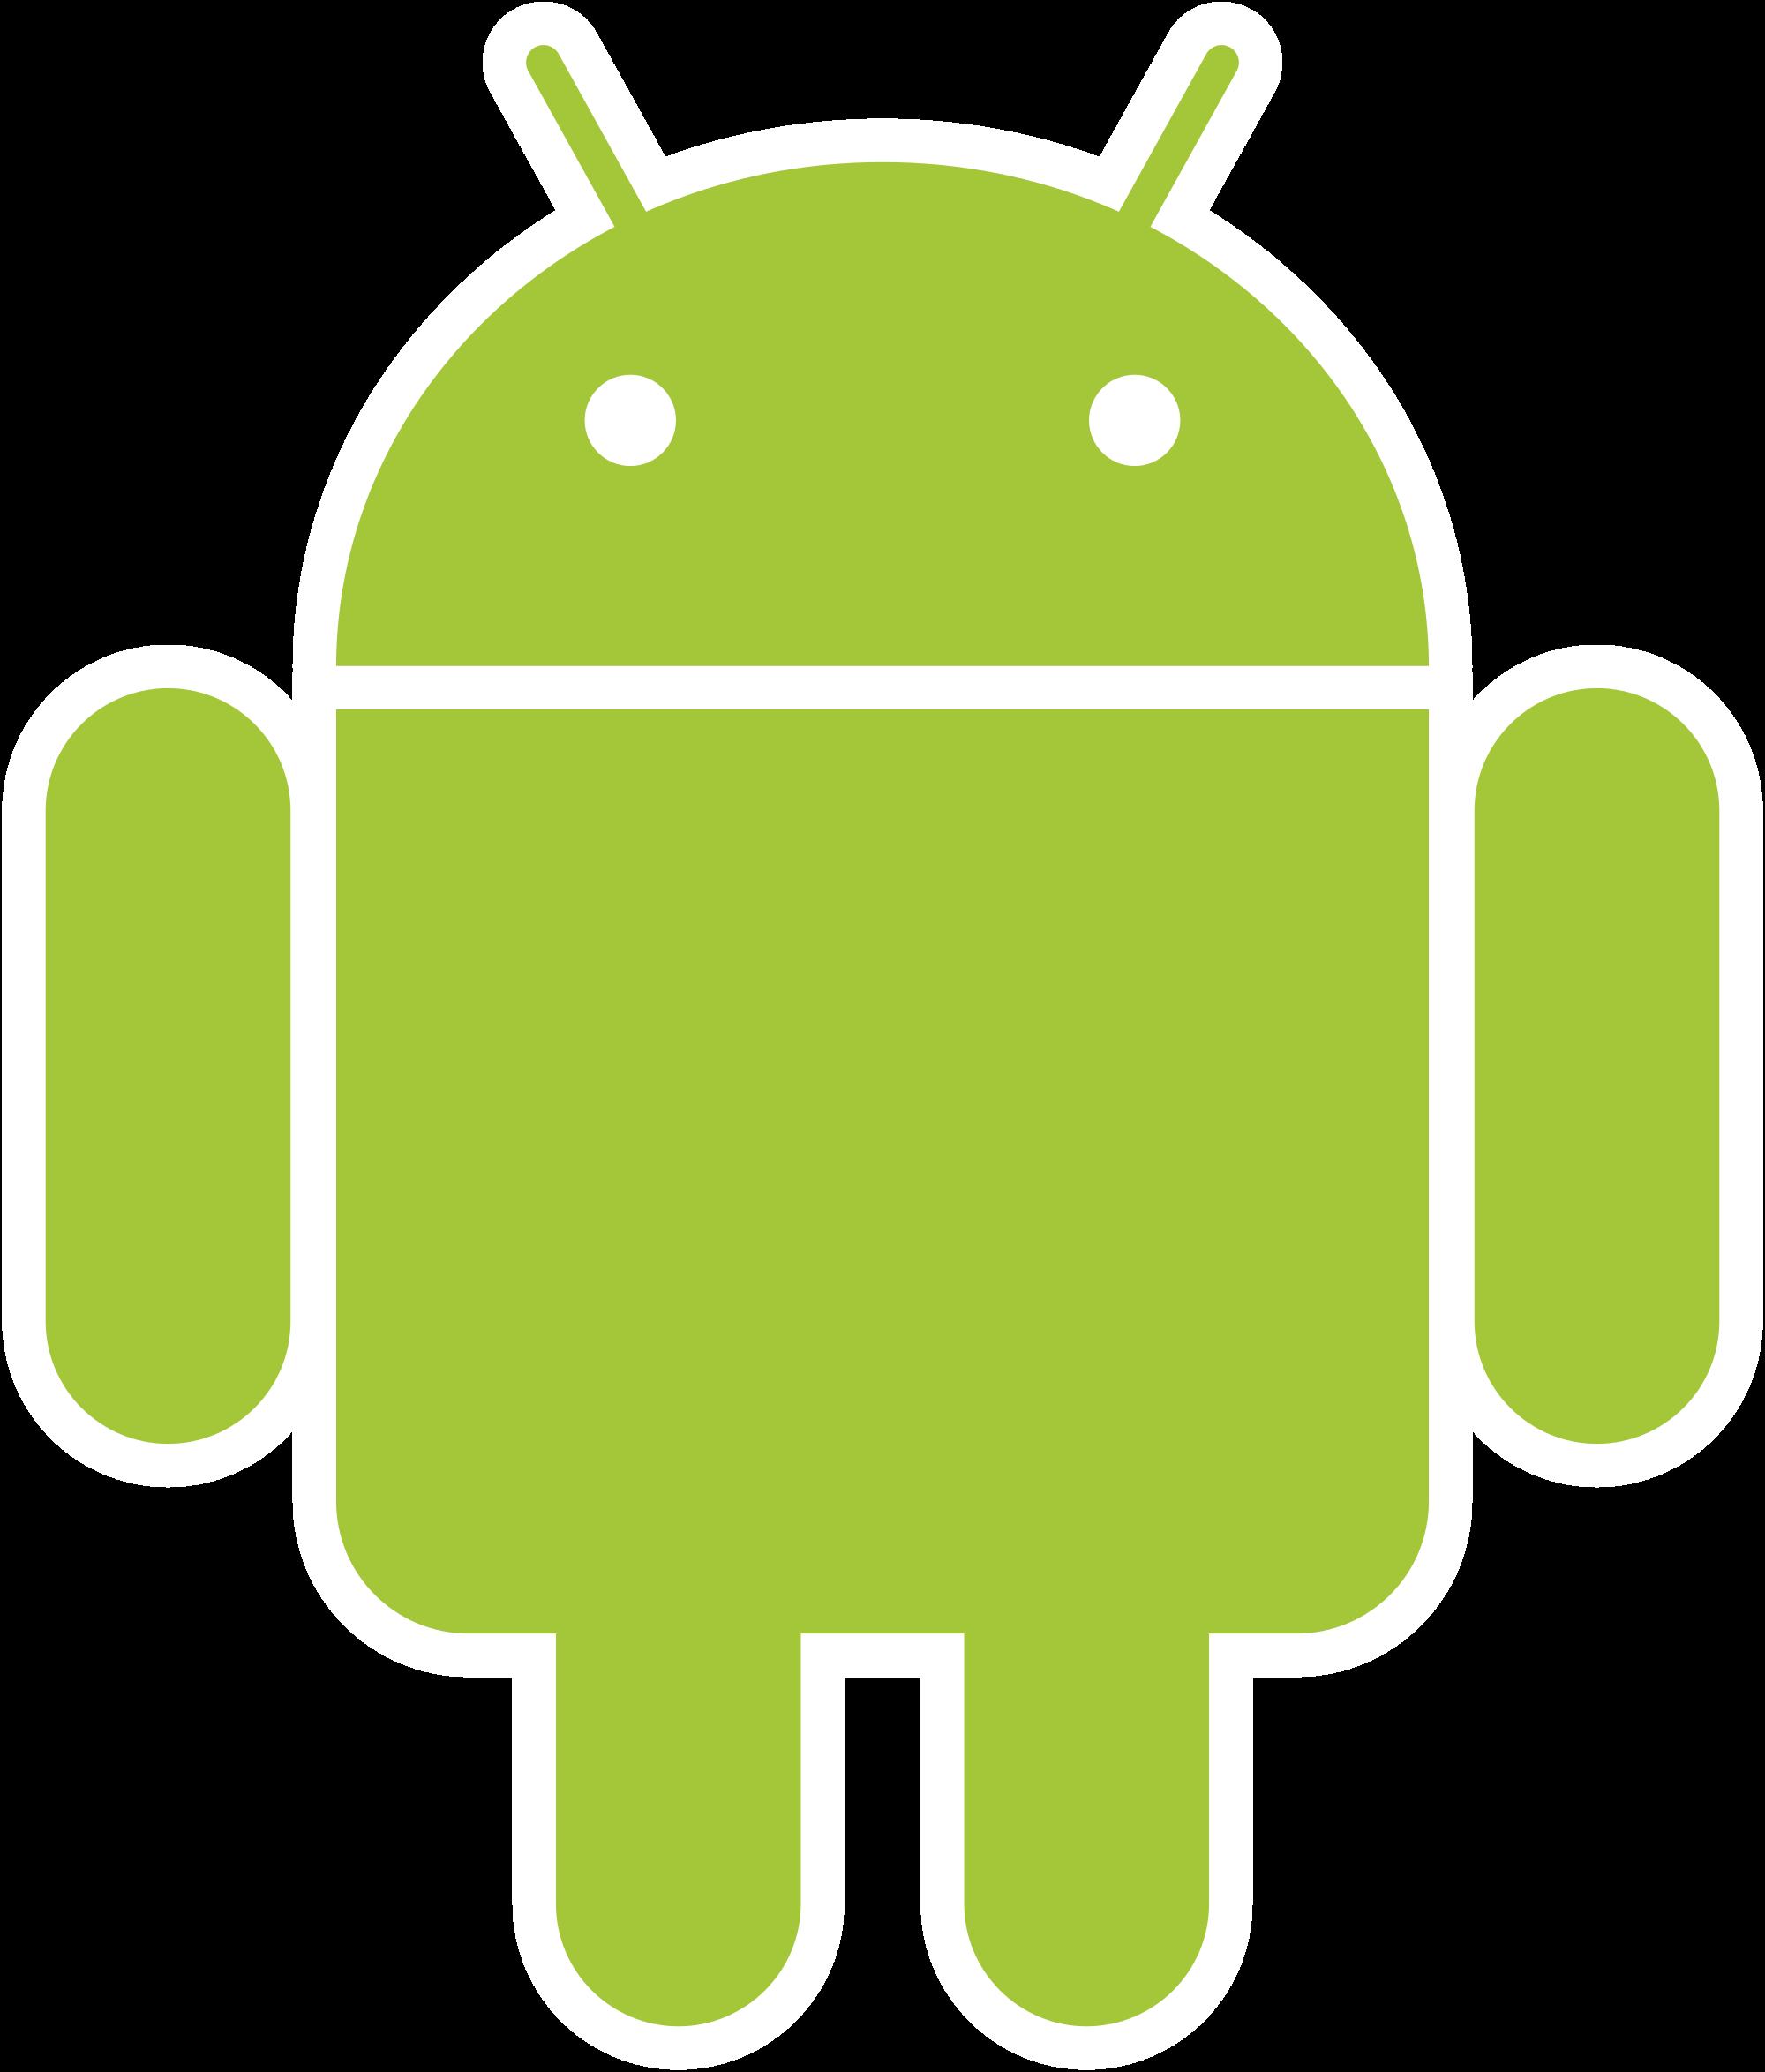 Phone clipart phone android, Phone phone android Transparent.